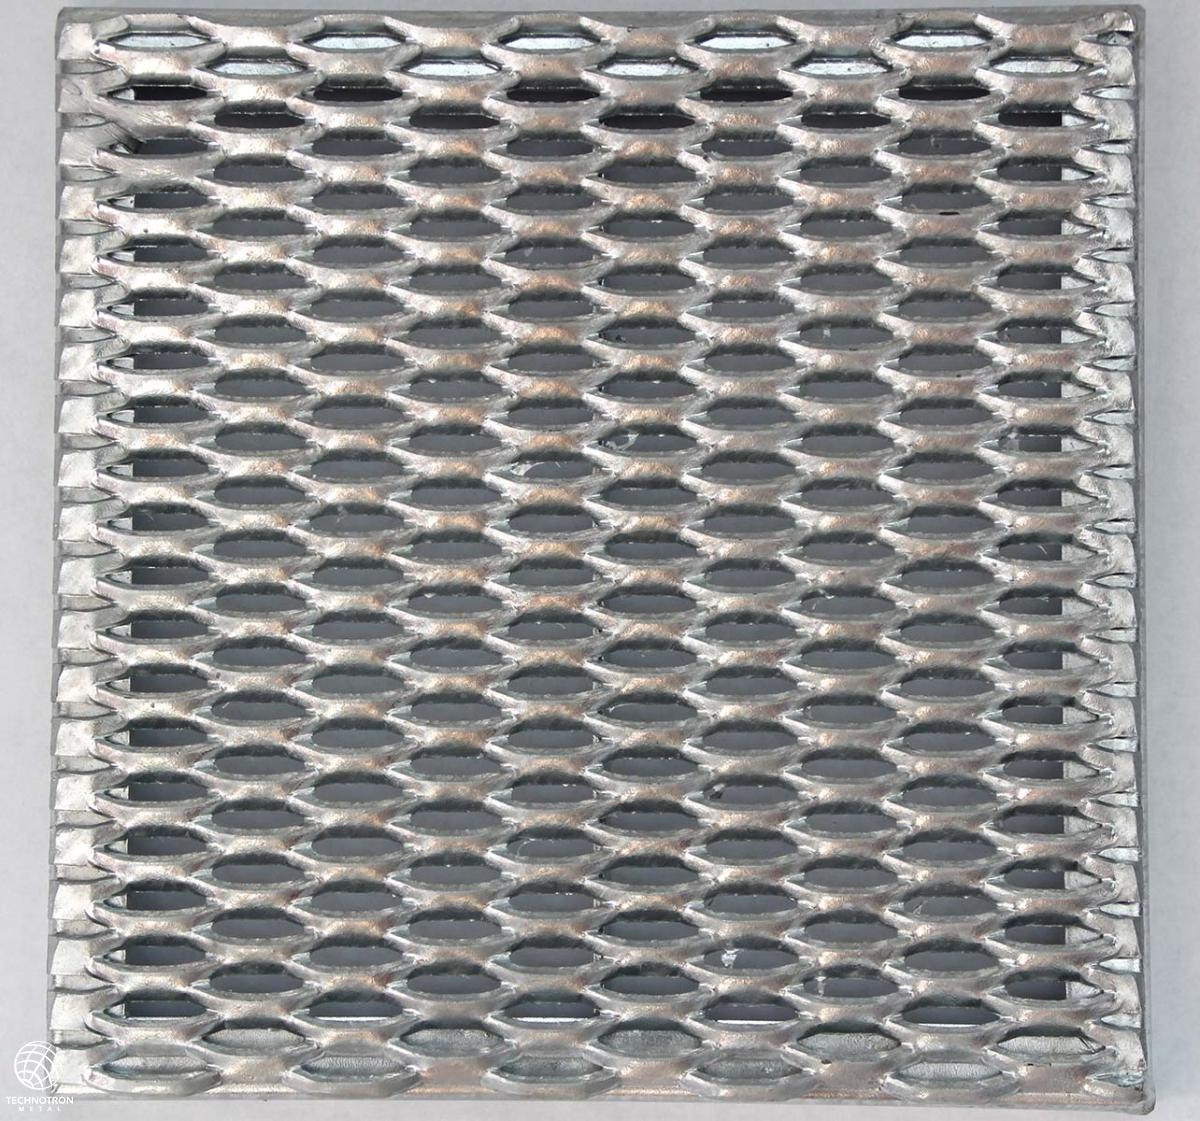 Rošt - tahokovový - ocel, žárový zinek / 47x13x5x3 mm / 800 x 1000 x 40 mm